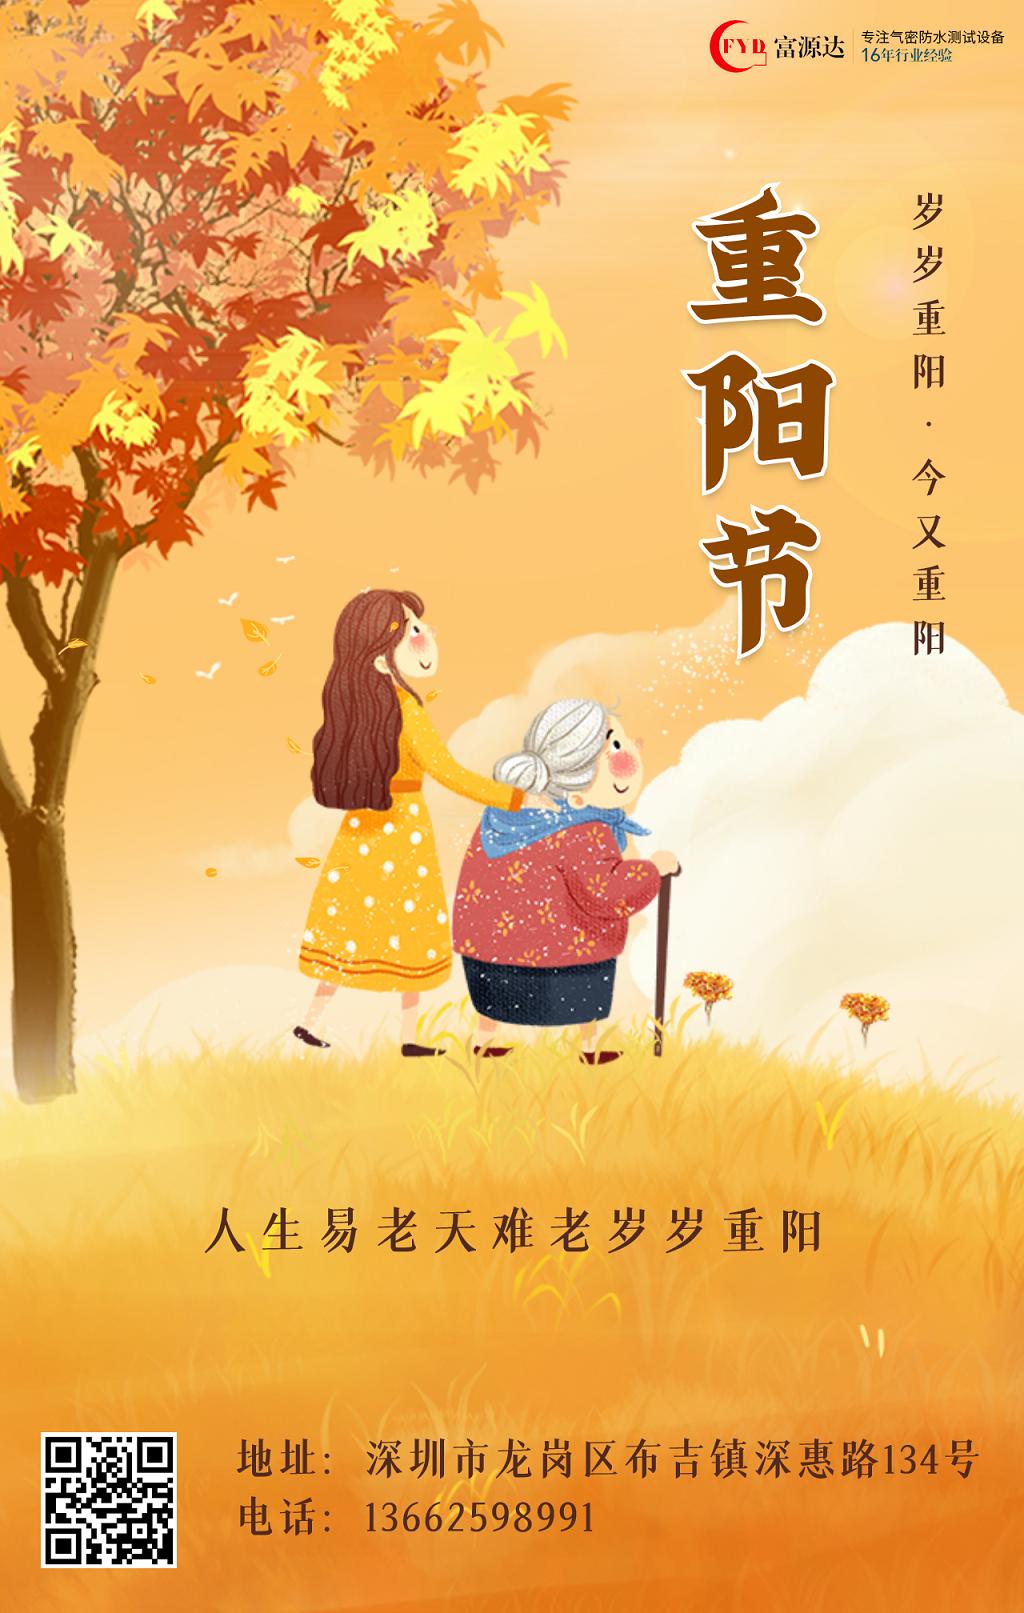 气密性检测仪厂家深圳富源达祝新老用户端午安康~